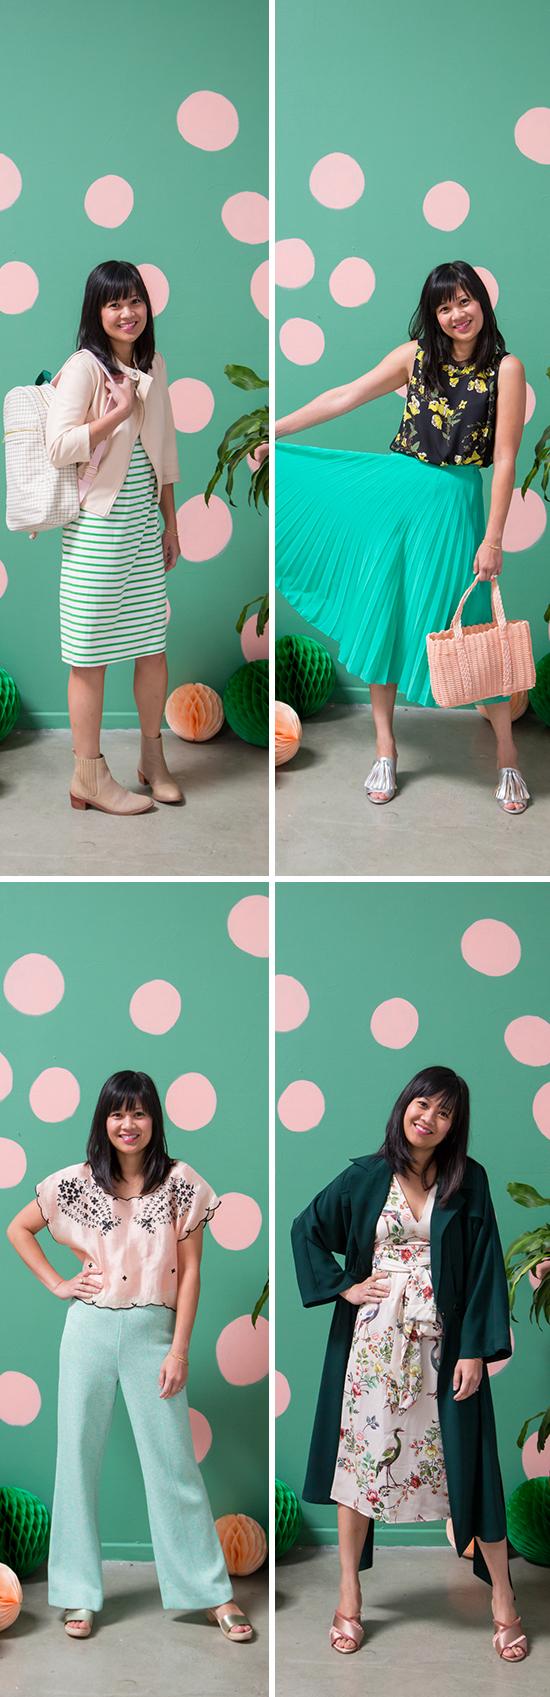 2017_10_13_Peach-Green-Outfits-10-grid-blog